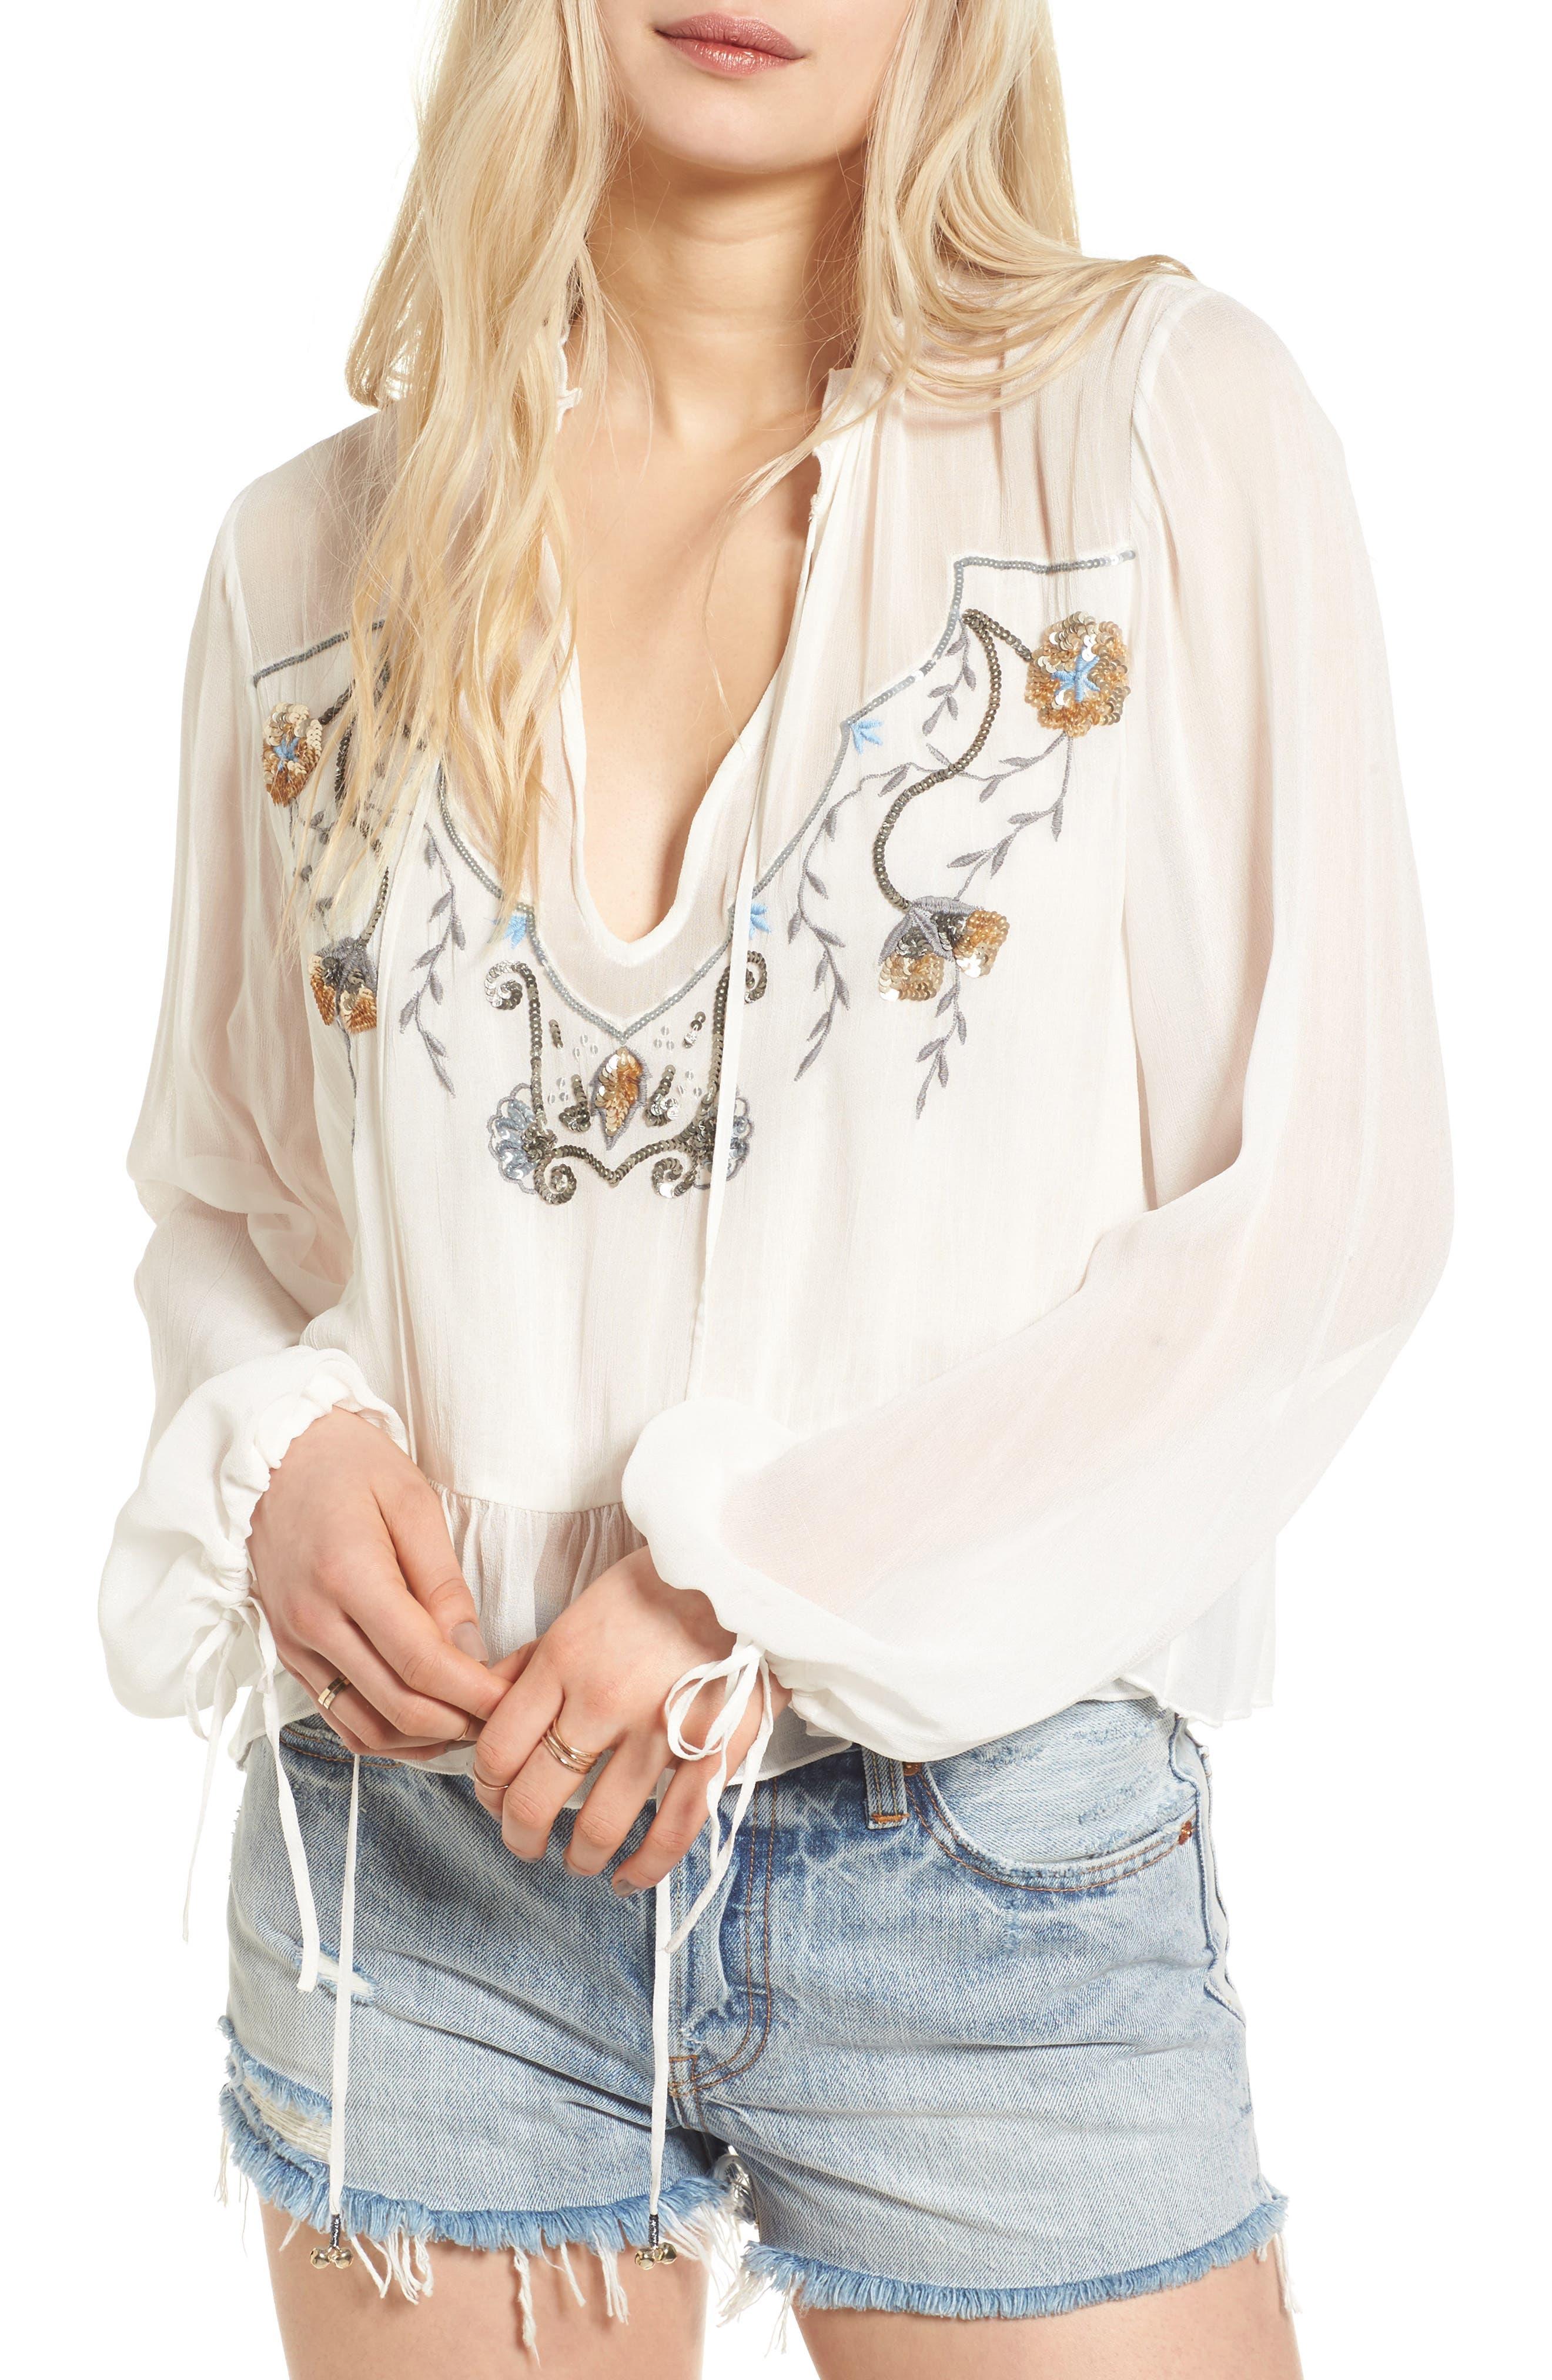 Alternate Image 1 Selected - Somedays Lovin Marigold Embellished Top